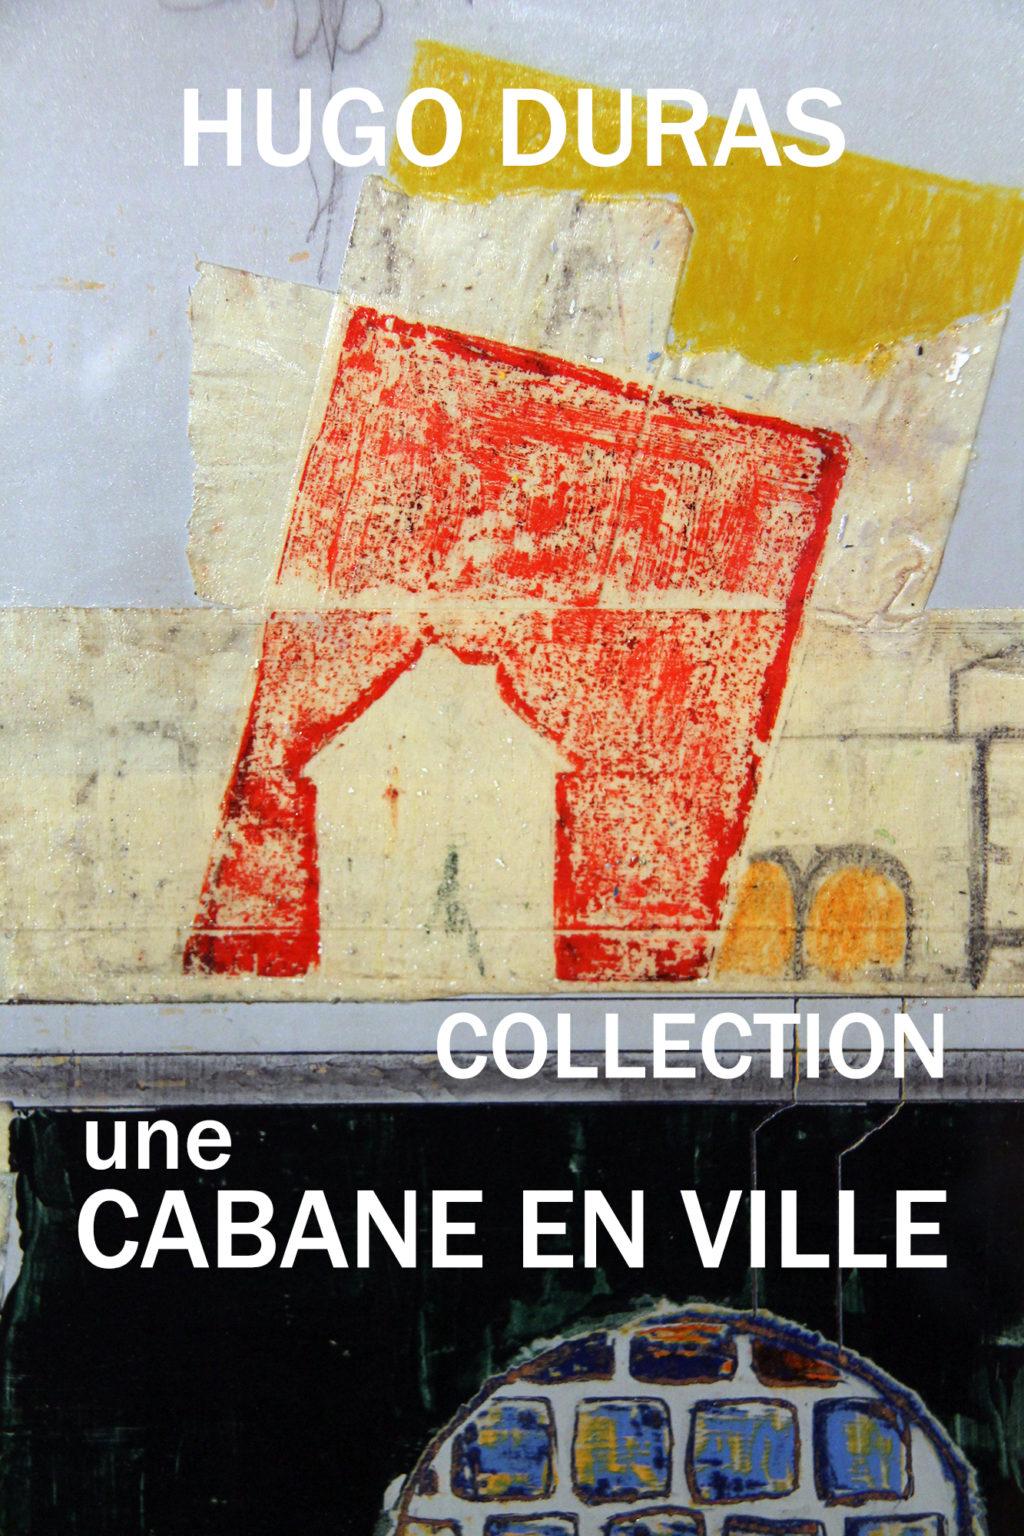 Collection une cabane en ville | Hugo Duras | artiste peintre Nantes